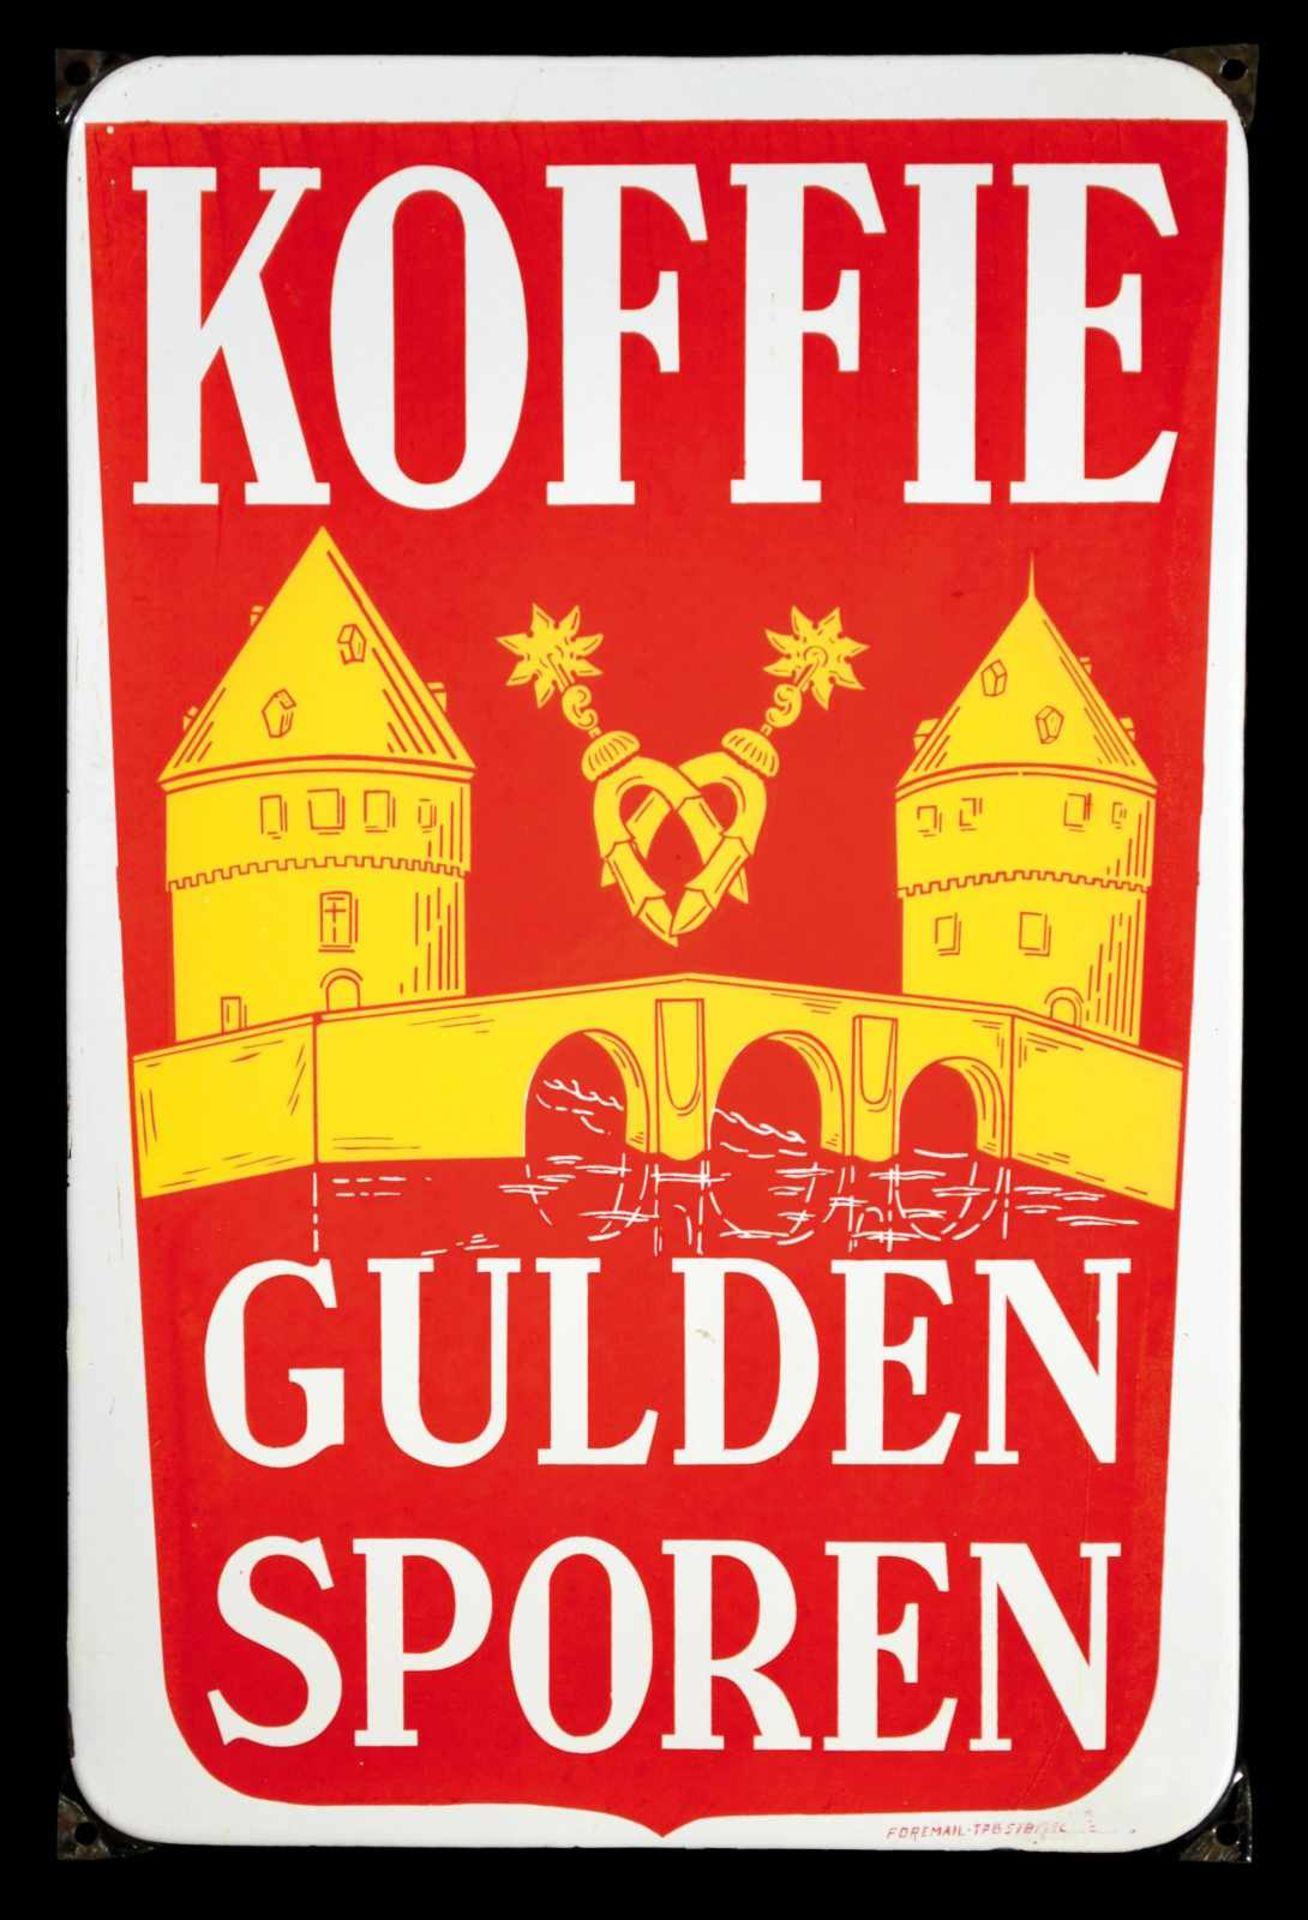 KOFFIE GULDEN SPOREN (1+) Emailschild, abgekantet, schabloniert, Belgien 50er Jahre, 40 nx 60 cm,